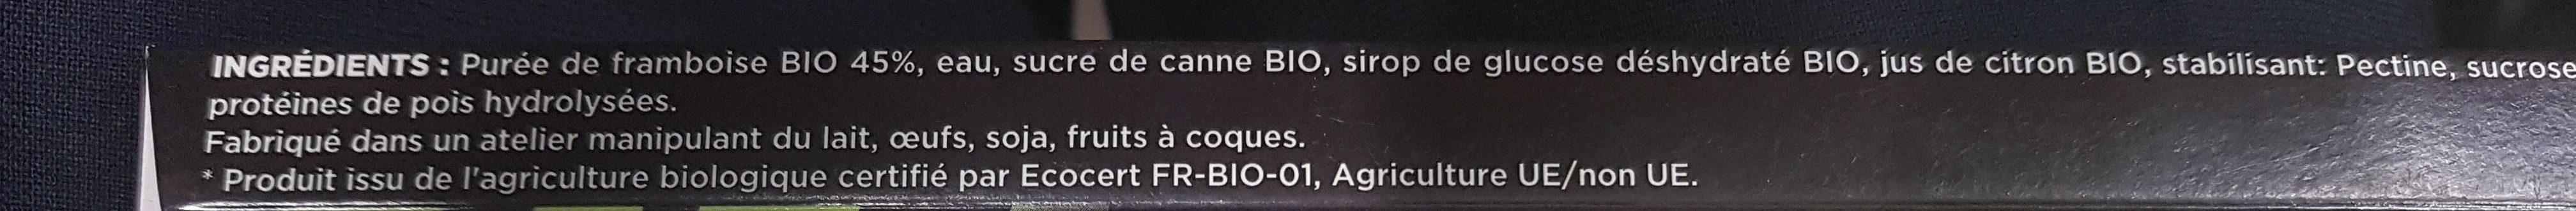 Framboise bio - Ingrediënten - fr